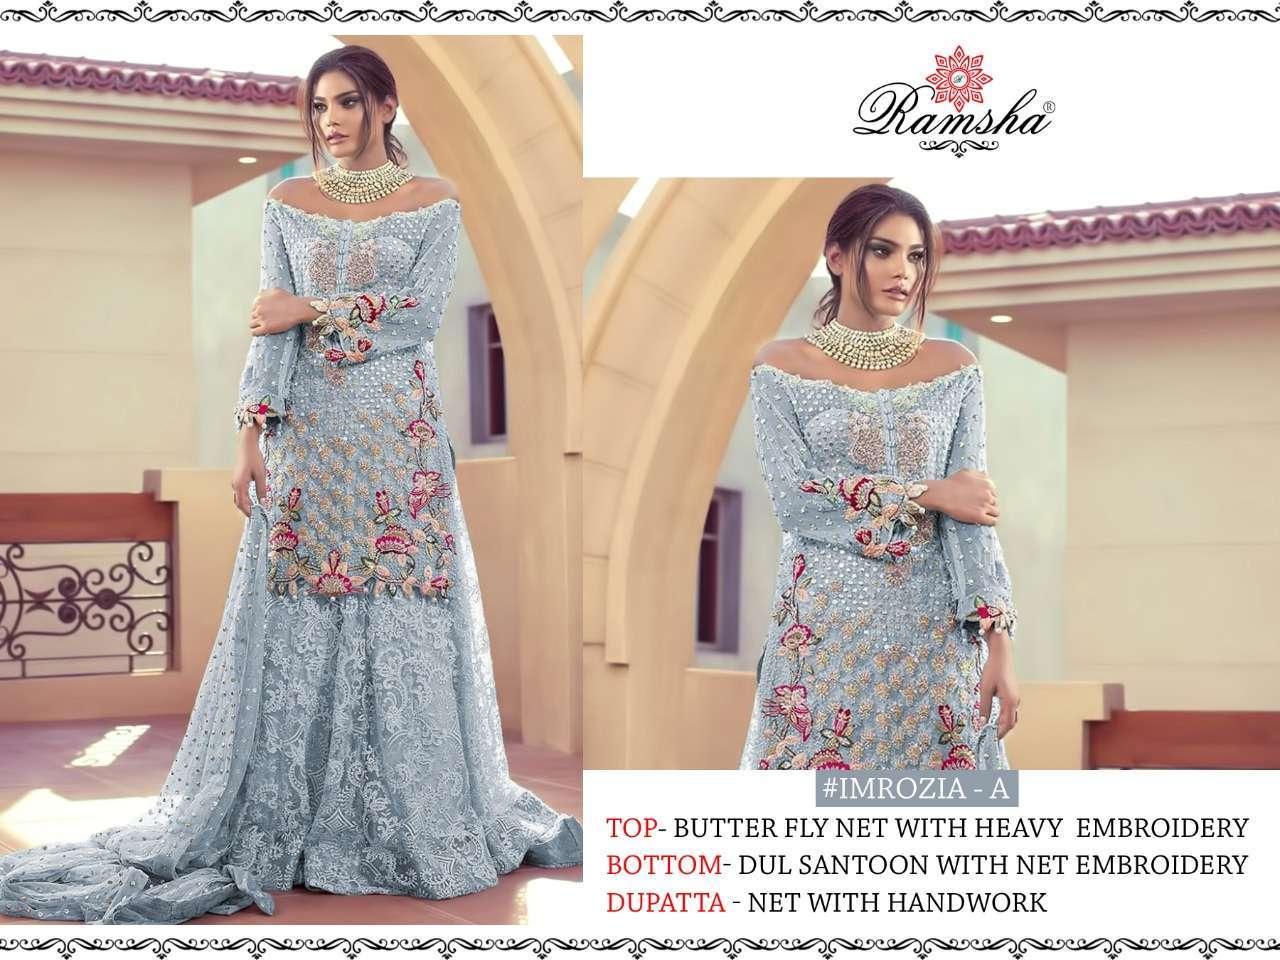 Ramsha Imrozia Nx with embroidery wotk pakisatni suit collection 01